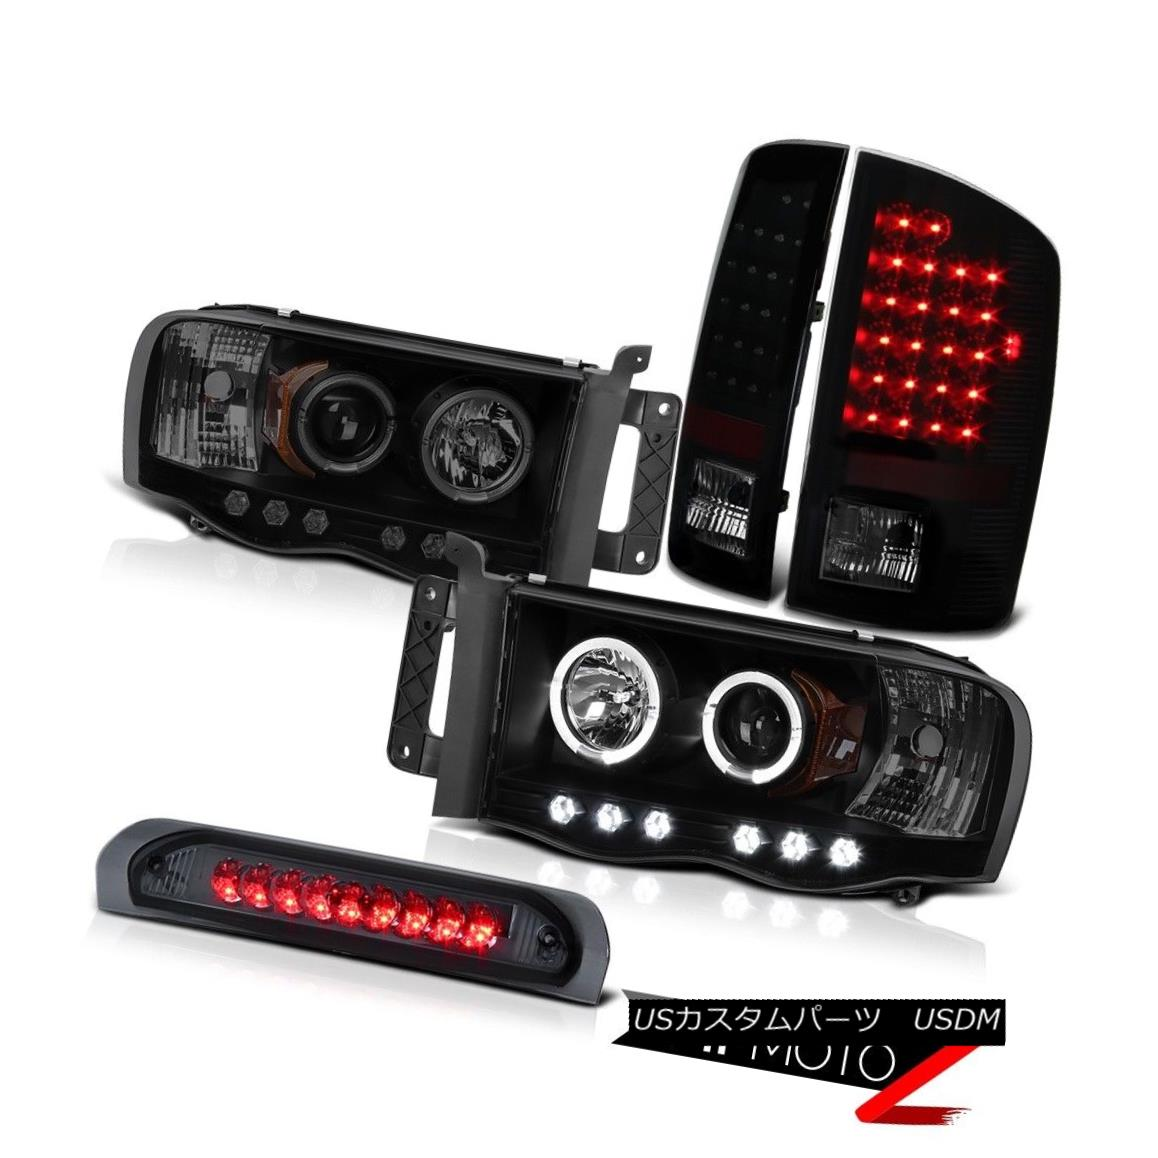 テールライト 02-05 Ram PowerTech 4.7L Laramie Black Smoke Halo Headlight LED Tail Lights Lamp 02-05ラムパワーテック4.7LララミーブラックスモークヘイローヘッドライトLEDテールライトランプ